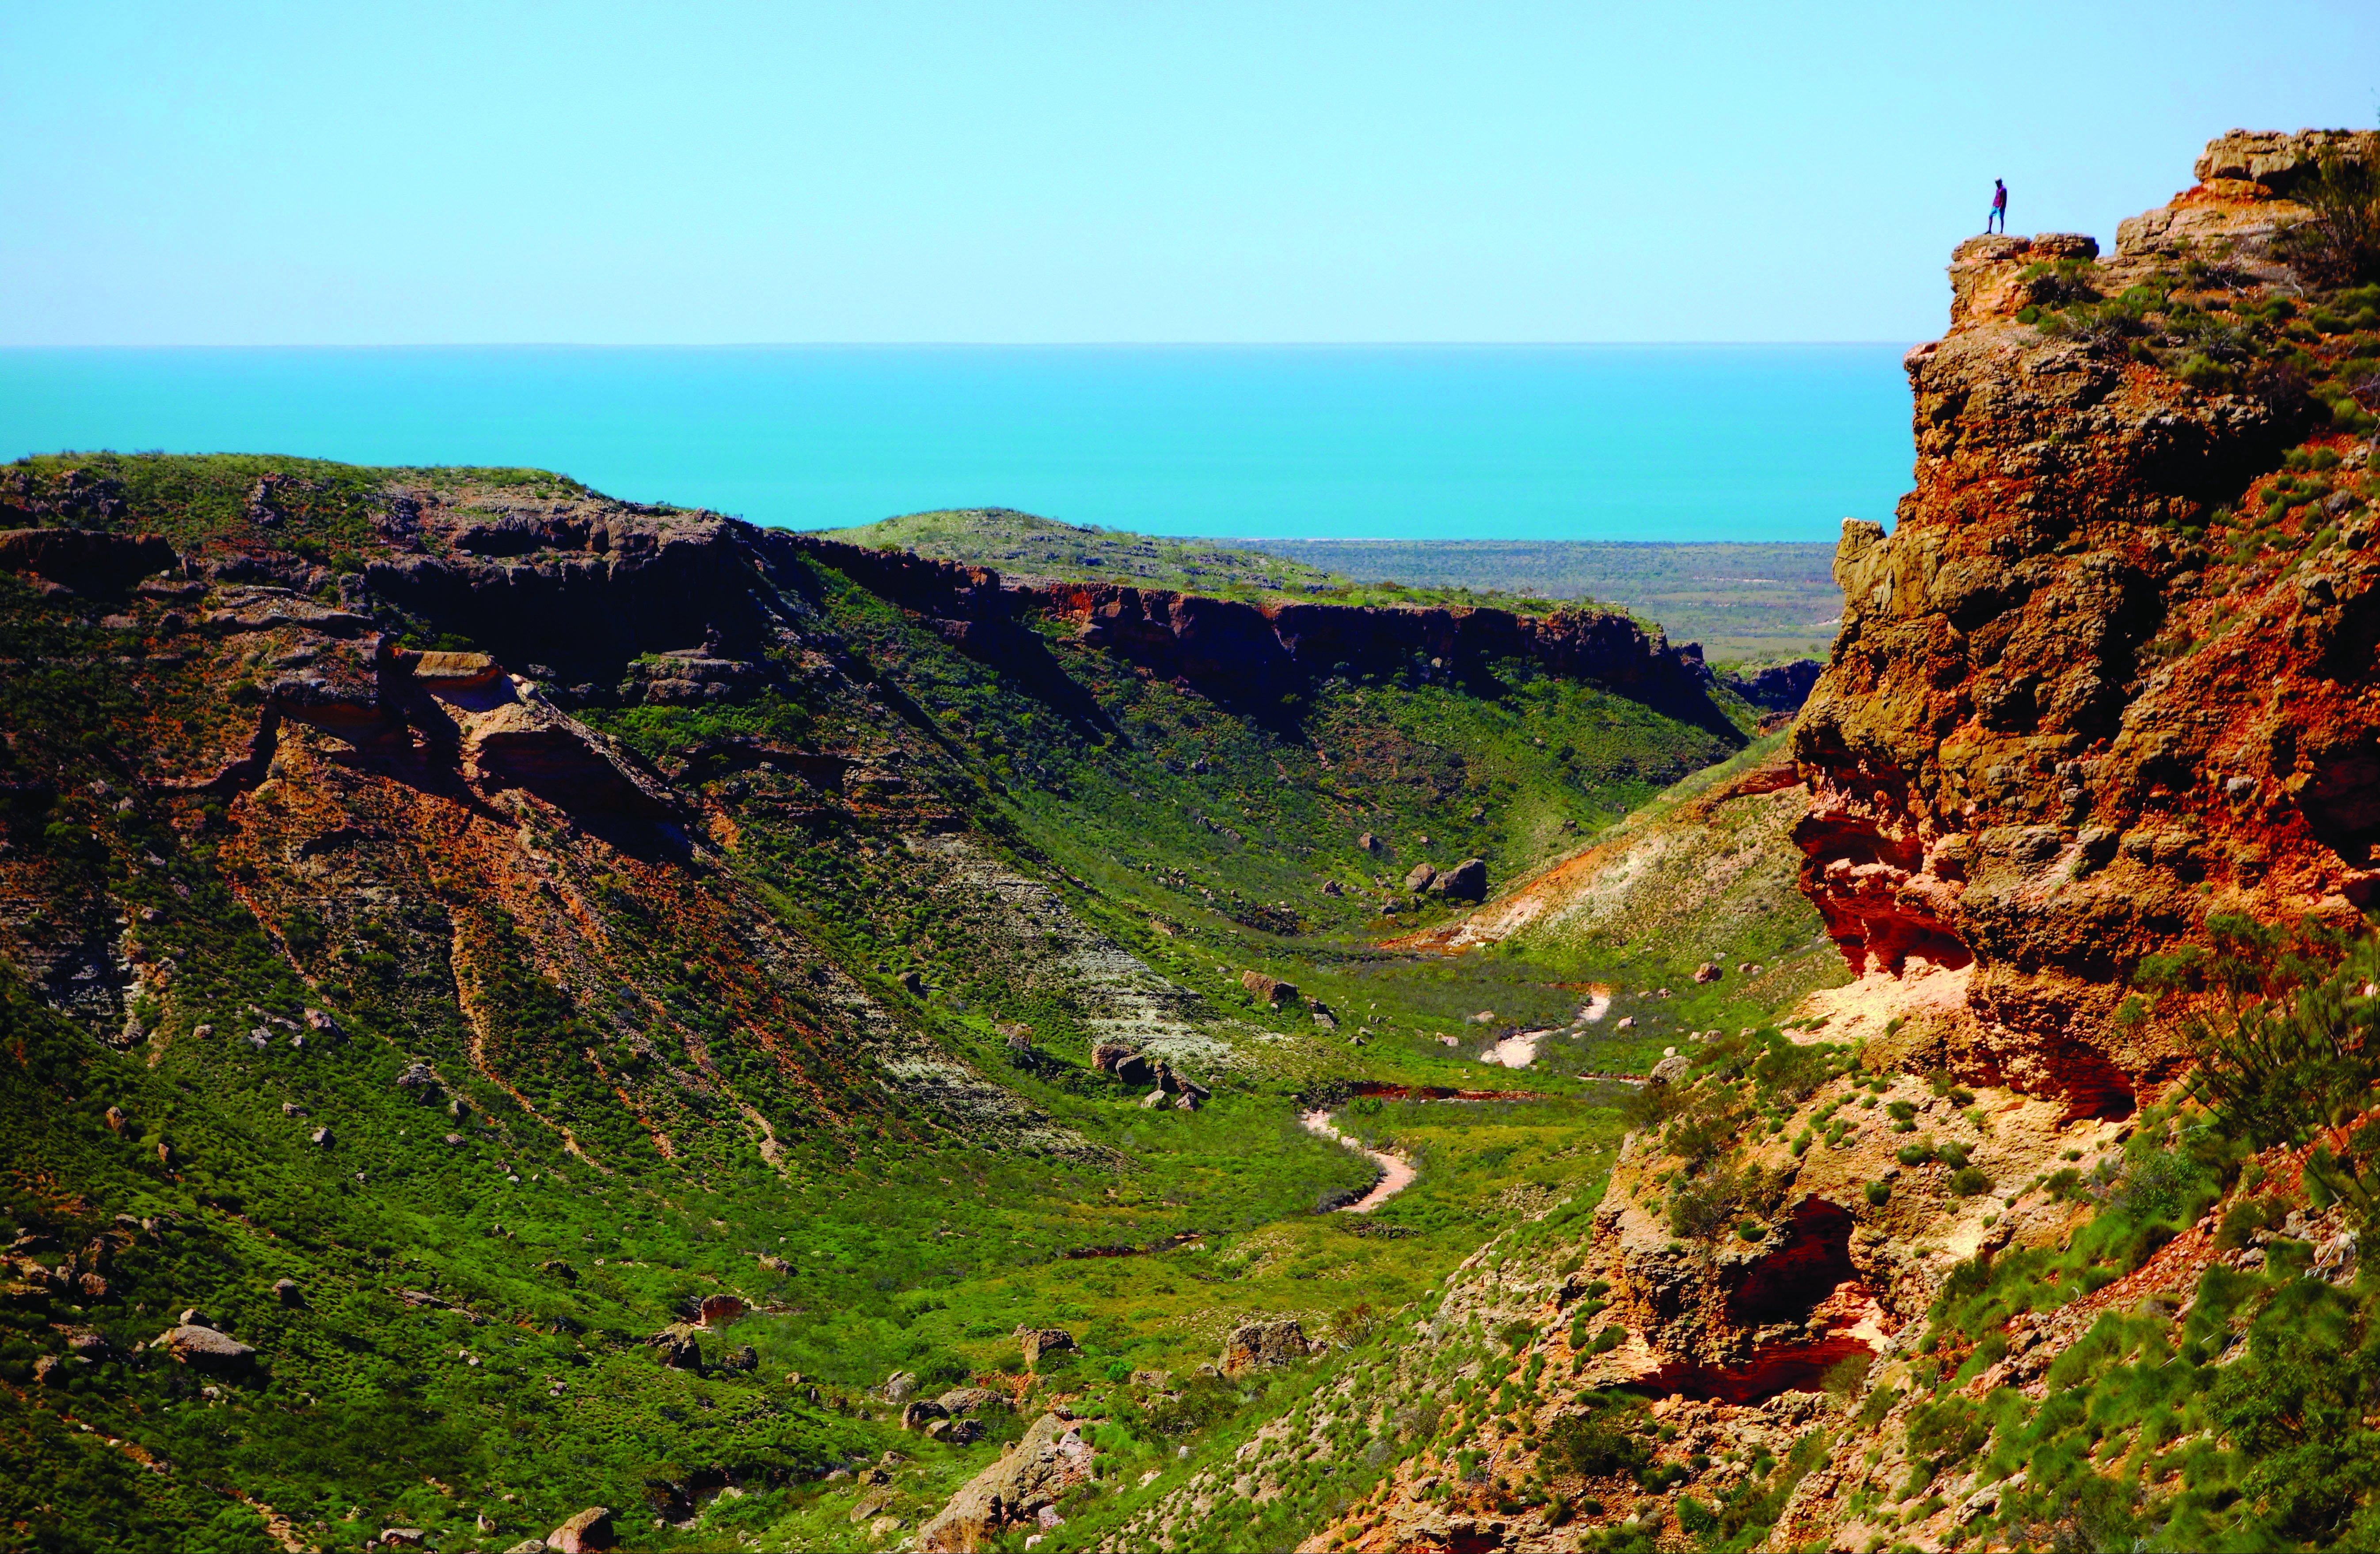 d3fab2970a52e2a0ec2d4faa31e92641 - Khám phá TOP 10 bãi biển đẹp nhất Tây Úc